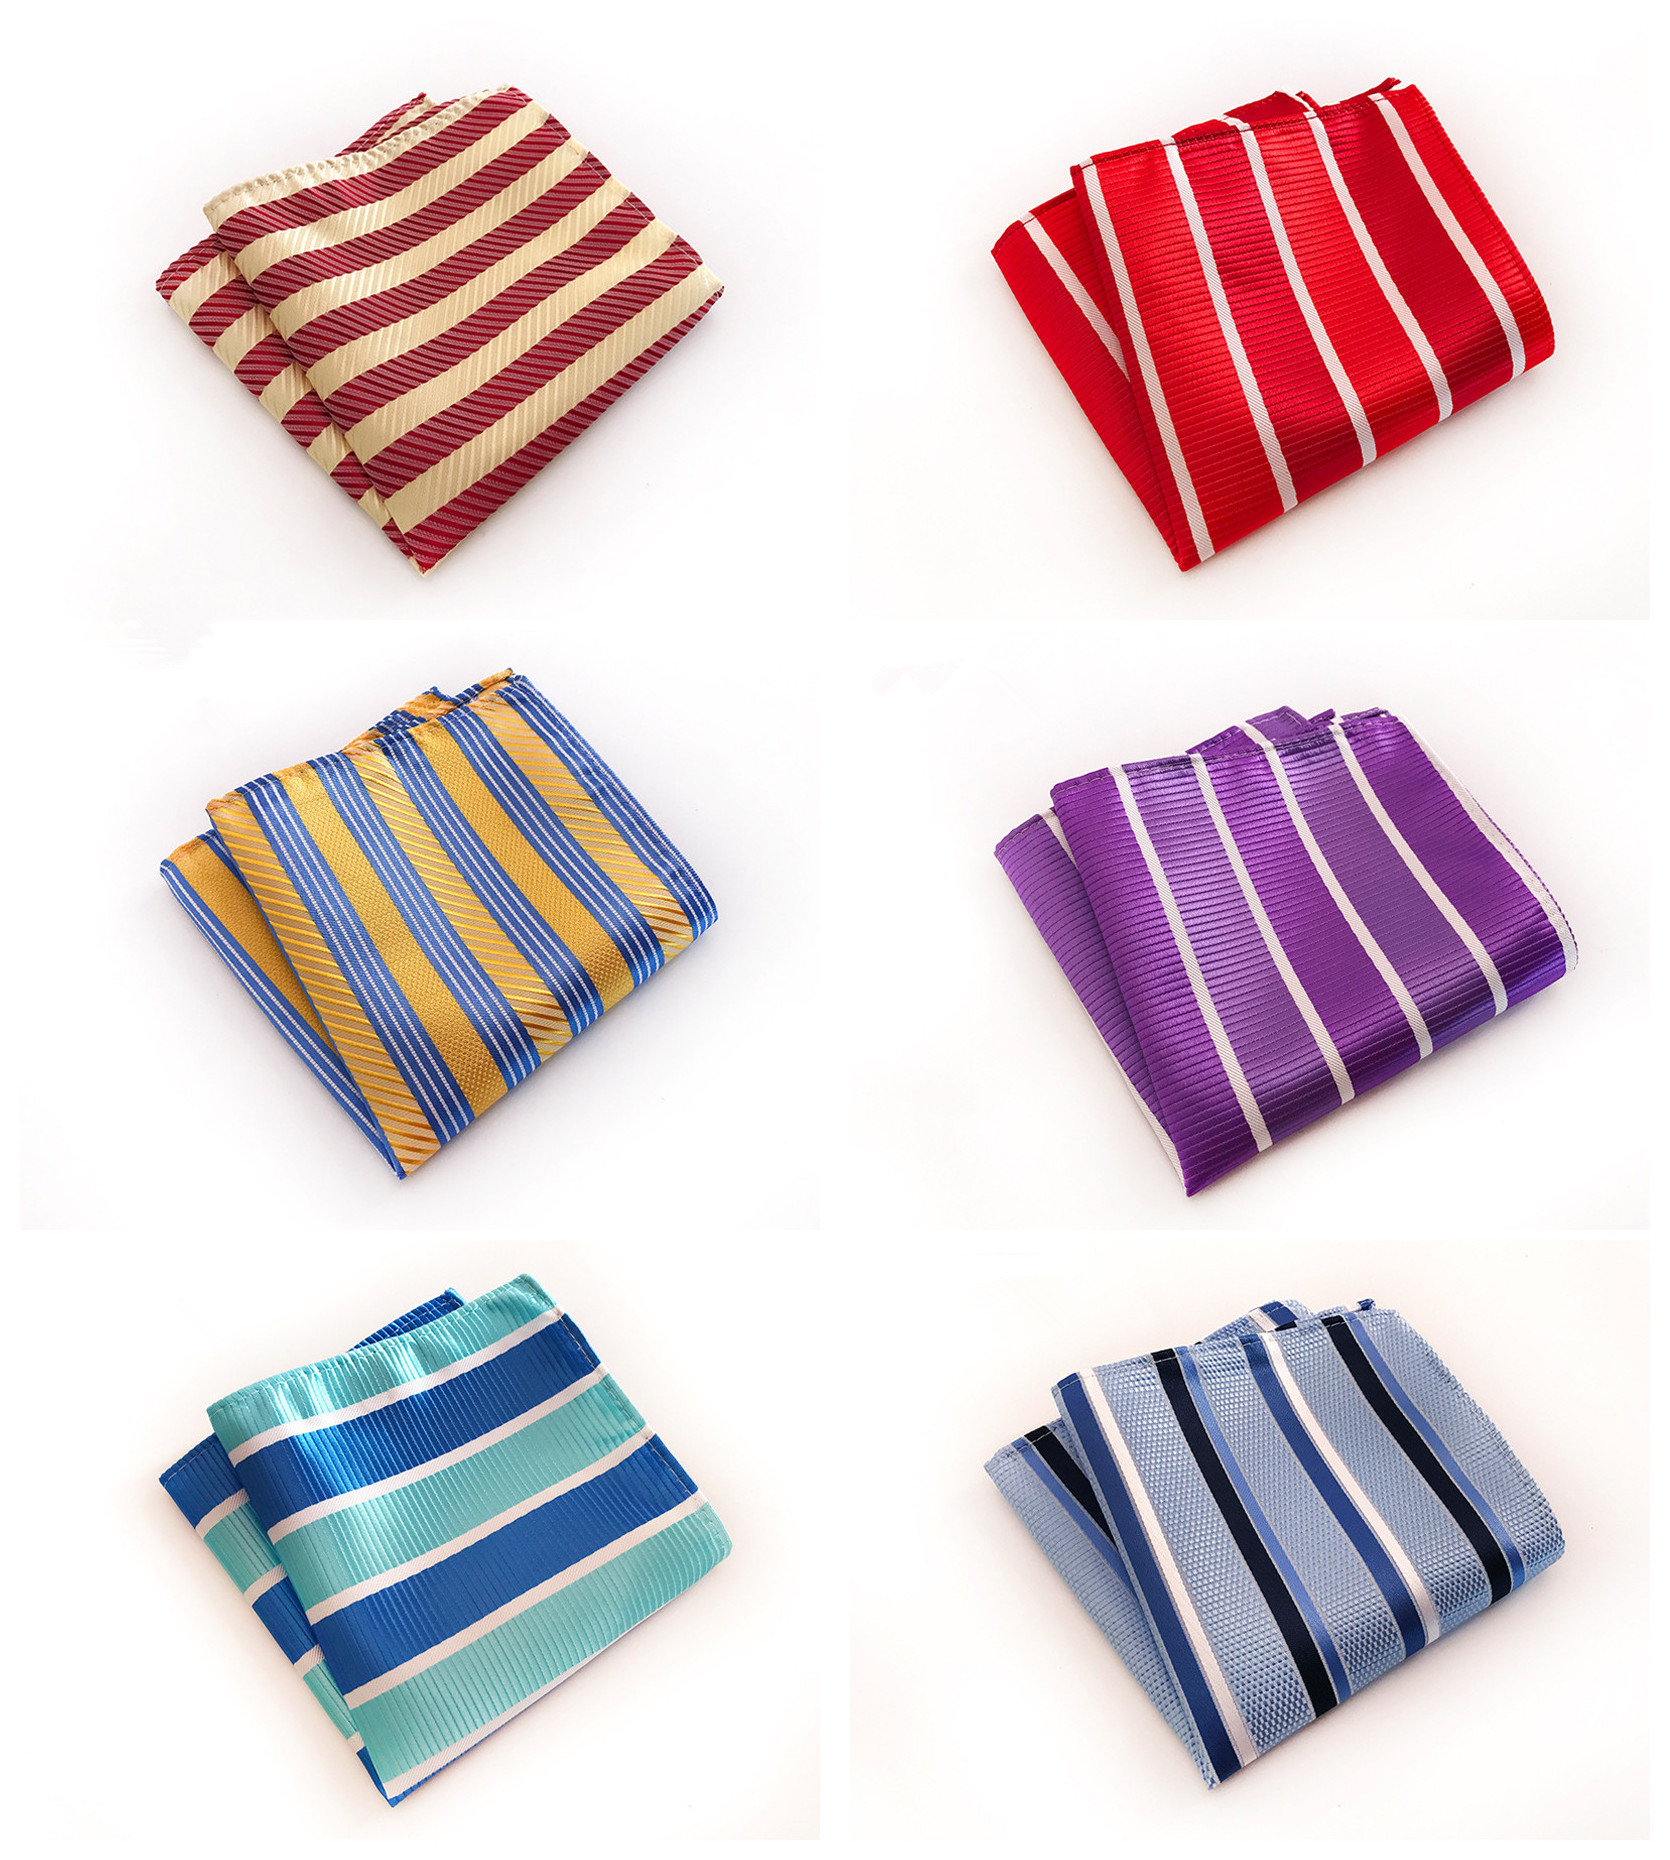 Fashion Design Men's Business Dress Pocket Towel Quality Explosion Models 25x25cm Multicolor Striped Polyester Pocket Towel